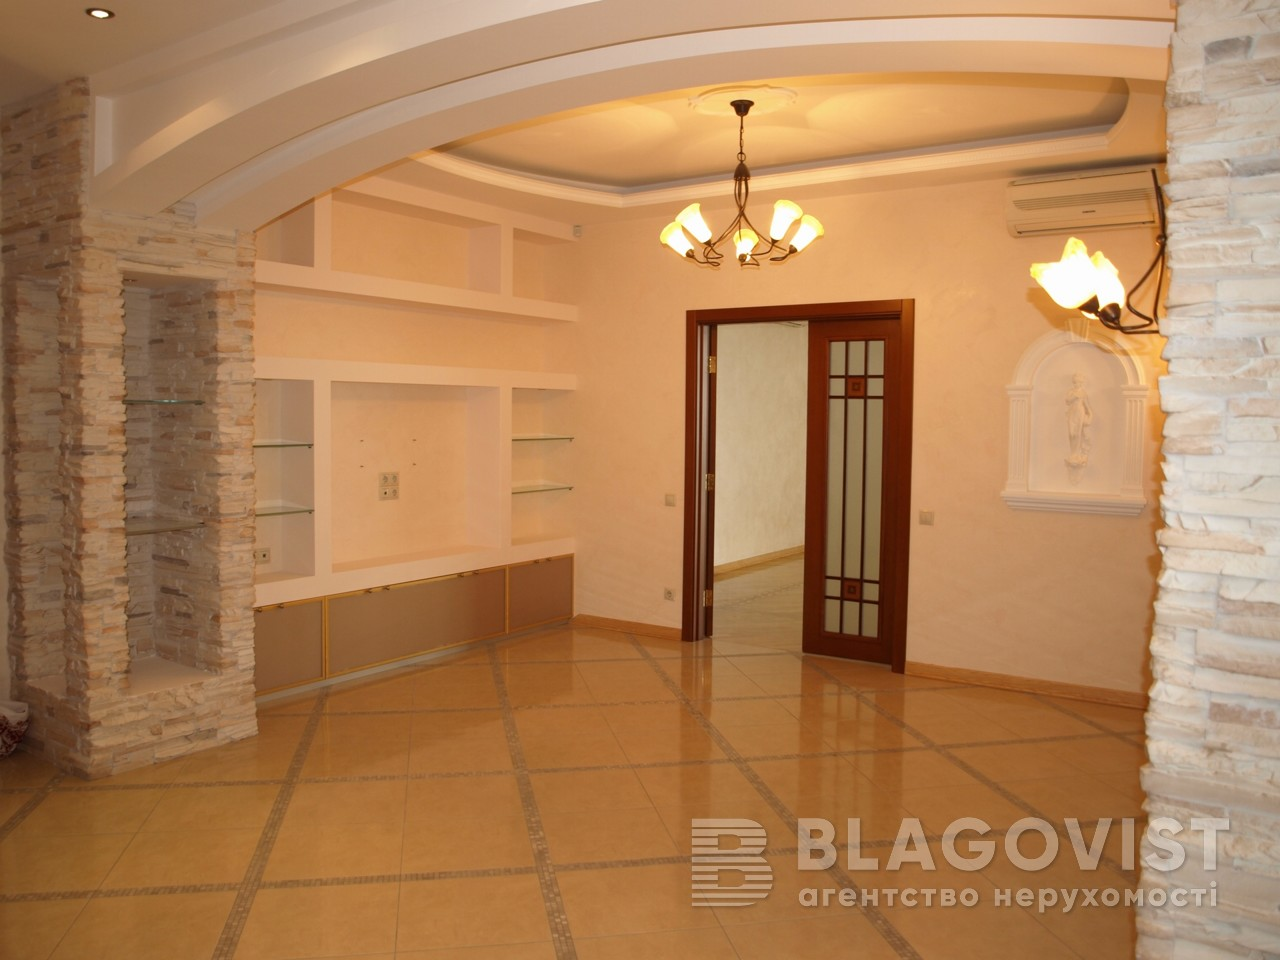 Квартира D-28748, Панаса Мирного, 17, Киев - Фото 8